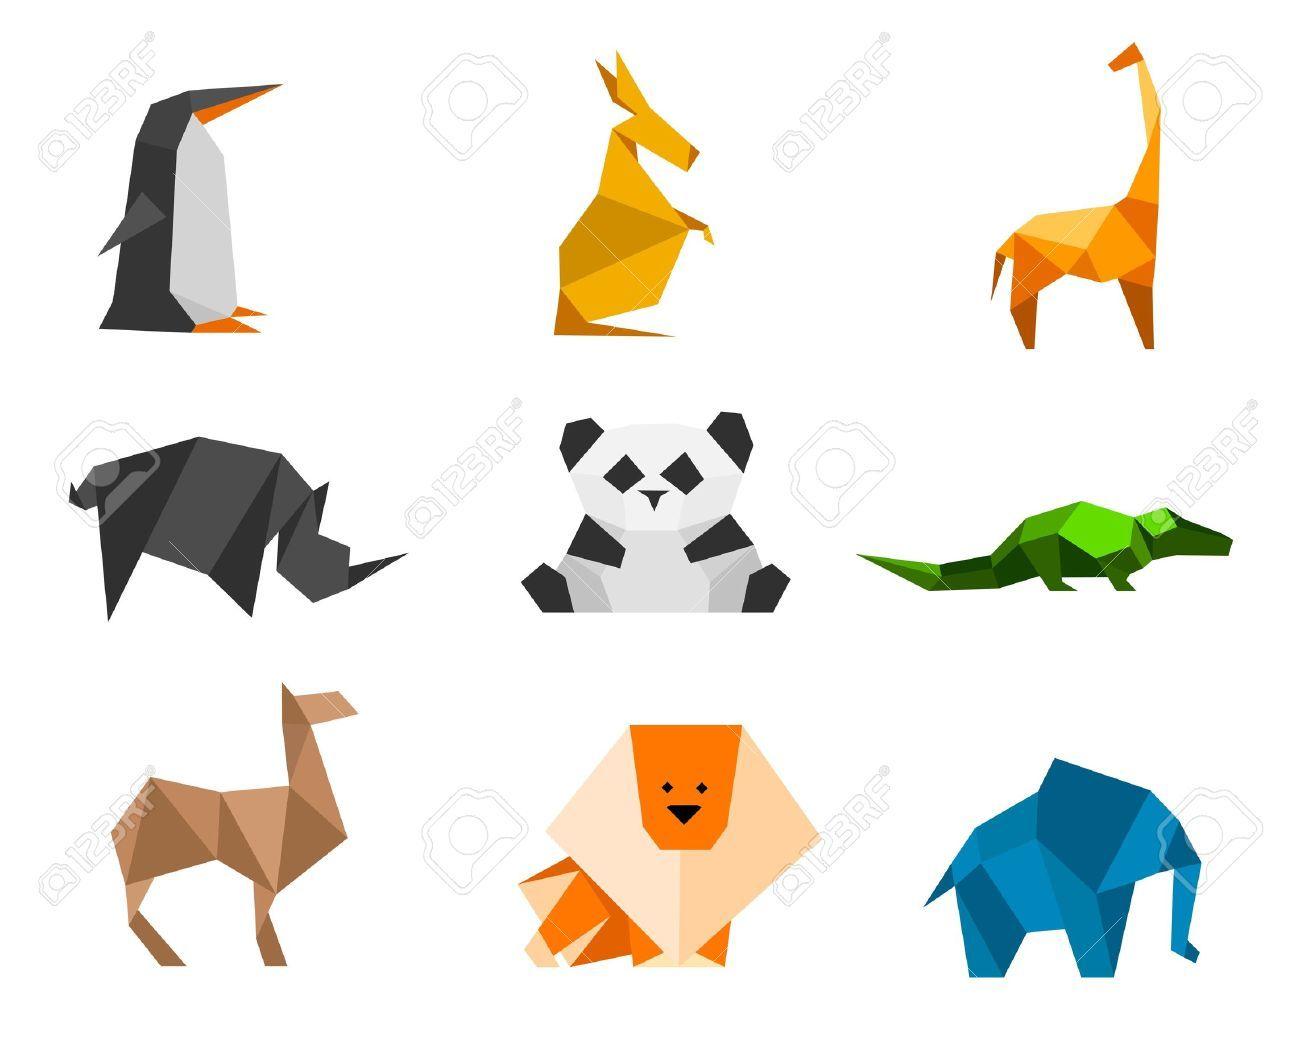 Images for camel logo design logo ideas pinterest logos images for camel logo design origami logoelephant jeuxipadfo Choice Image